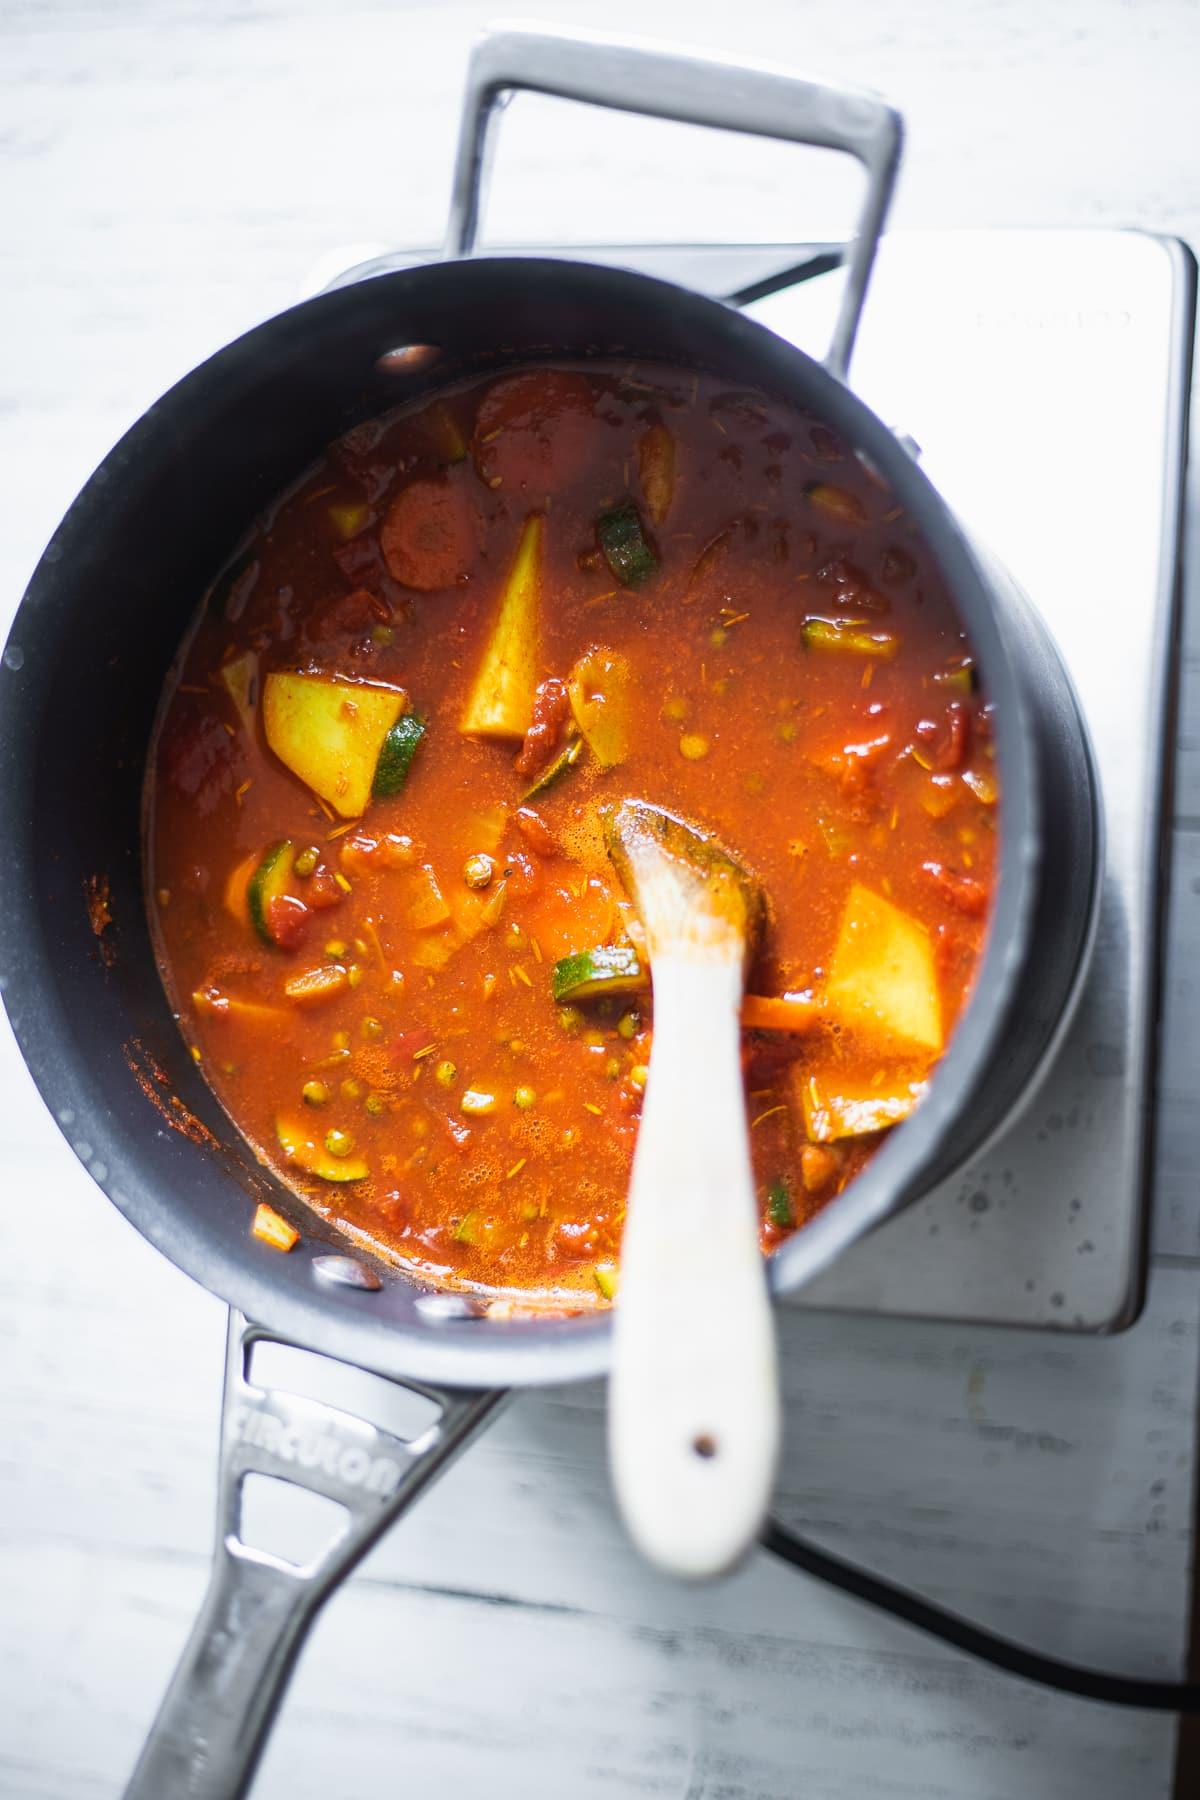 Lentil soup in a saucepan